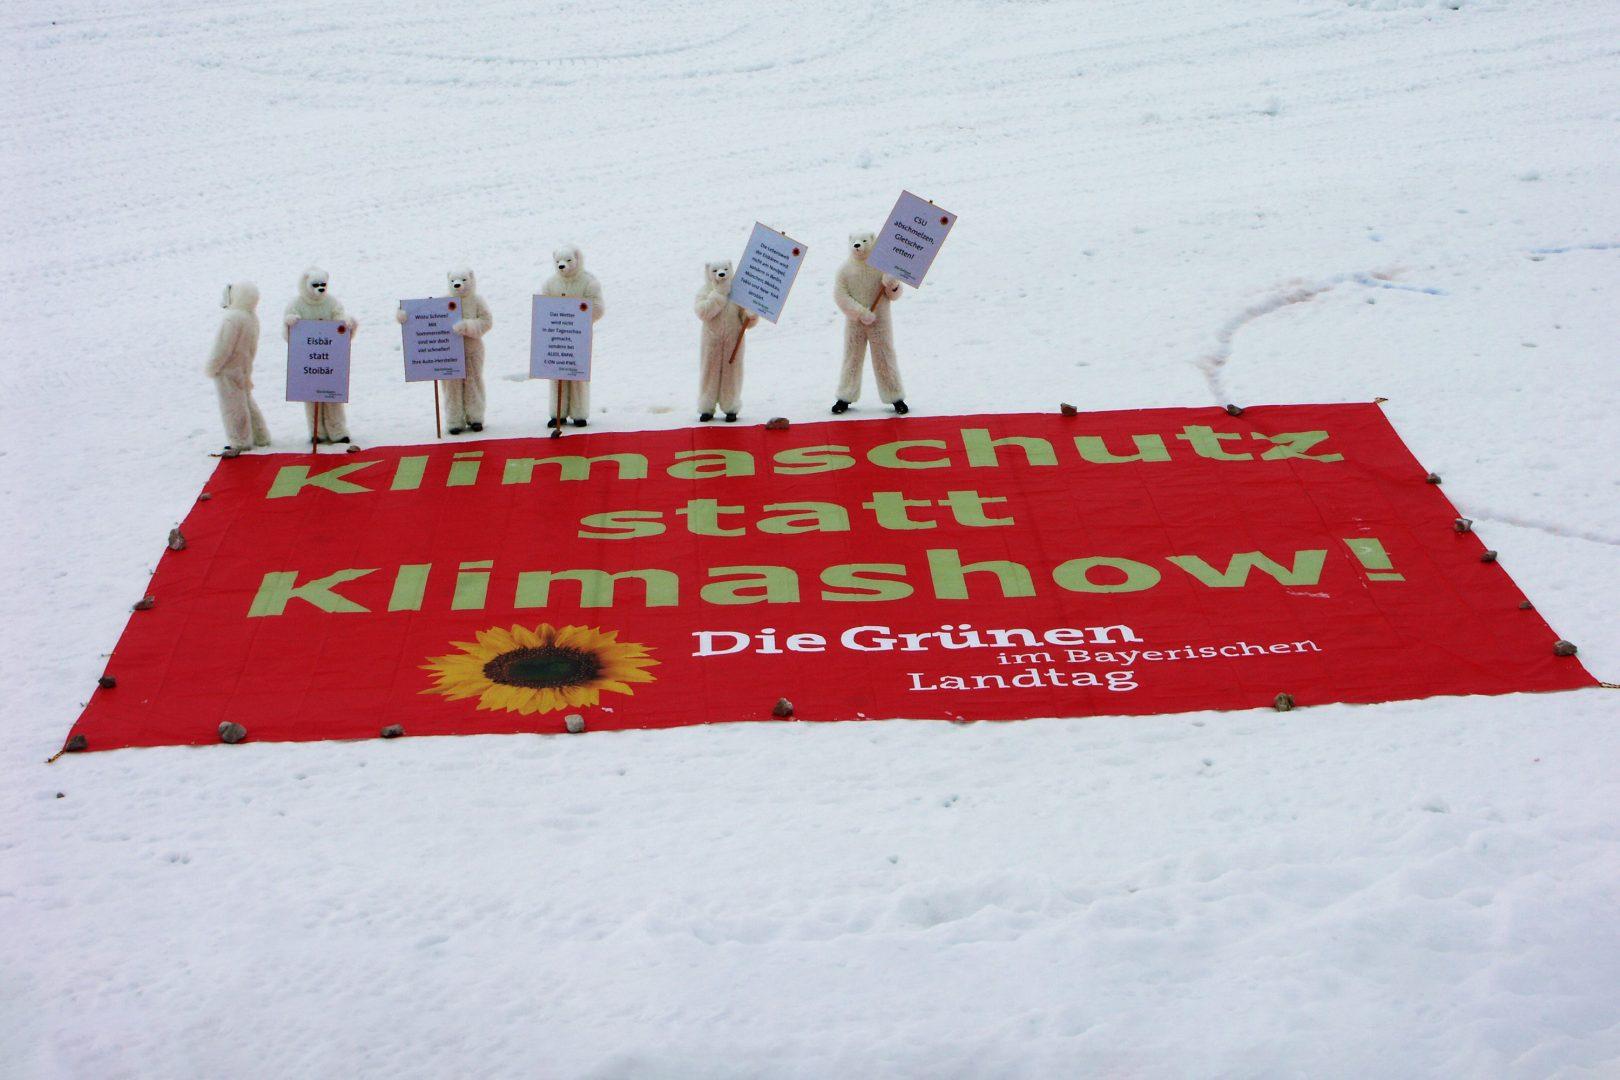 2007: Aktion der Landtags-Grünen für mehr Klimaschutz auf der Zugspitze. Menschen in Eisbärkostümen stehen vor einem Großbanner mit der Aufschrift